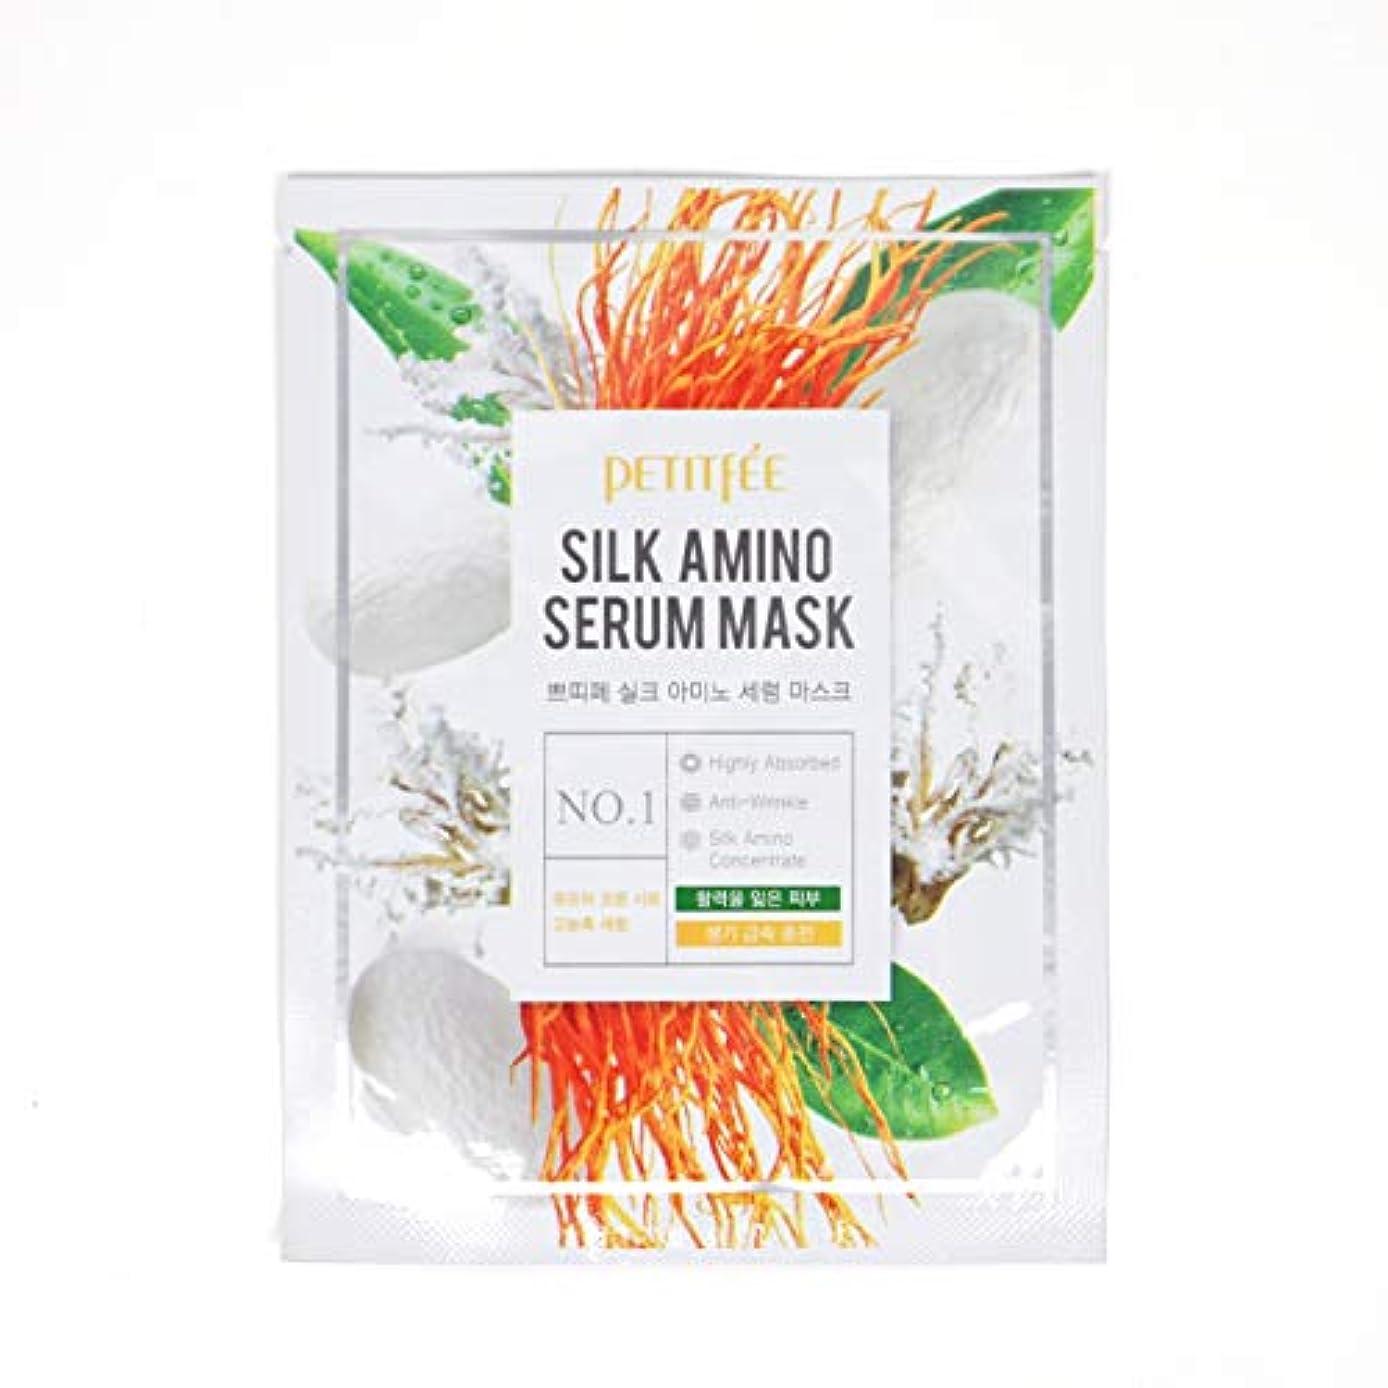 モルヒネ首尾一貫した塗抹PETITFEE (プチペ) シルクアミノセラムマスク 25gx10P (保湿) / Silk Amino Serum Mask